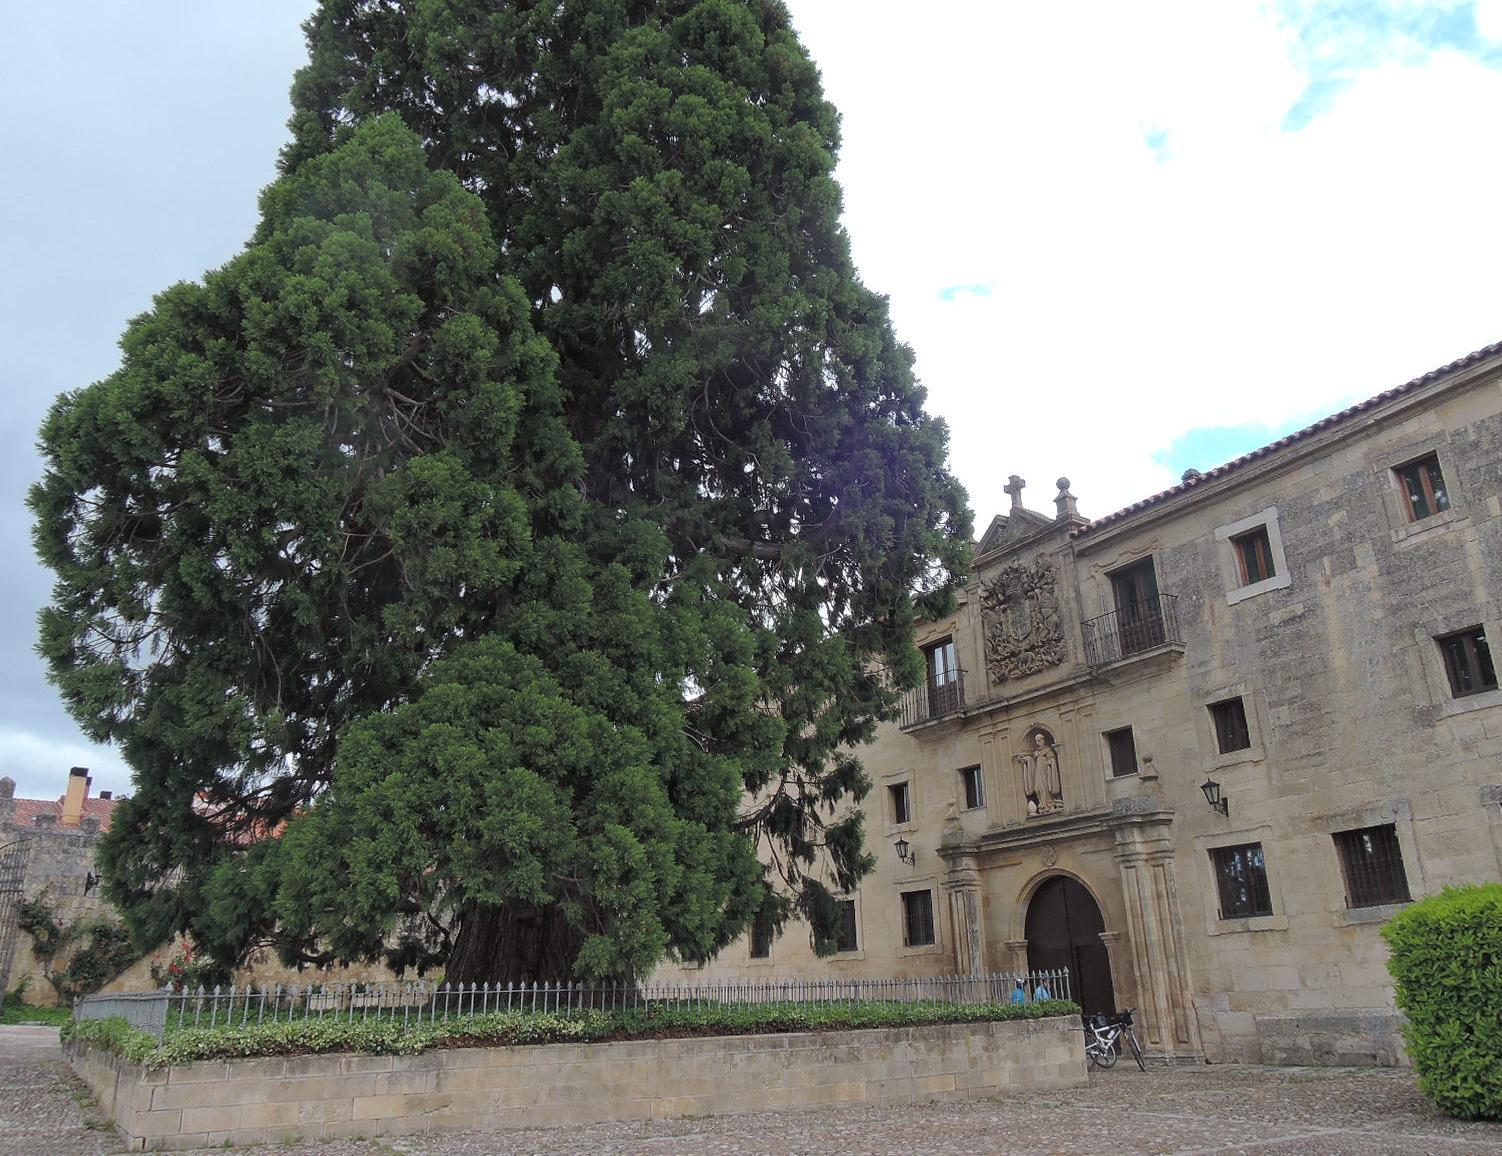 Abeto centenario en el patio de entrada del monasterio de Silos.